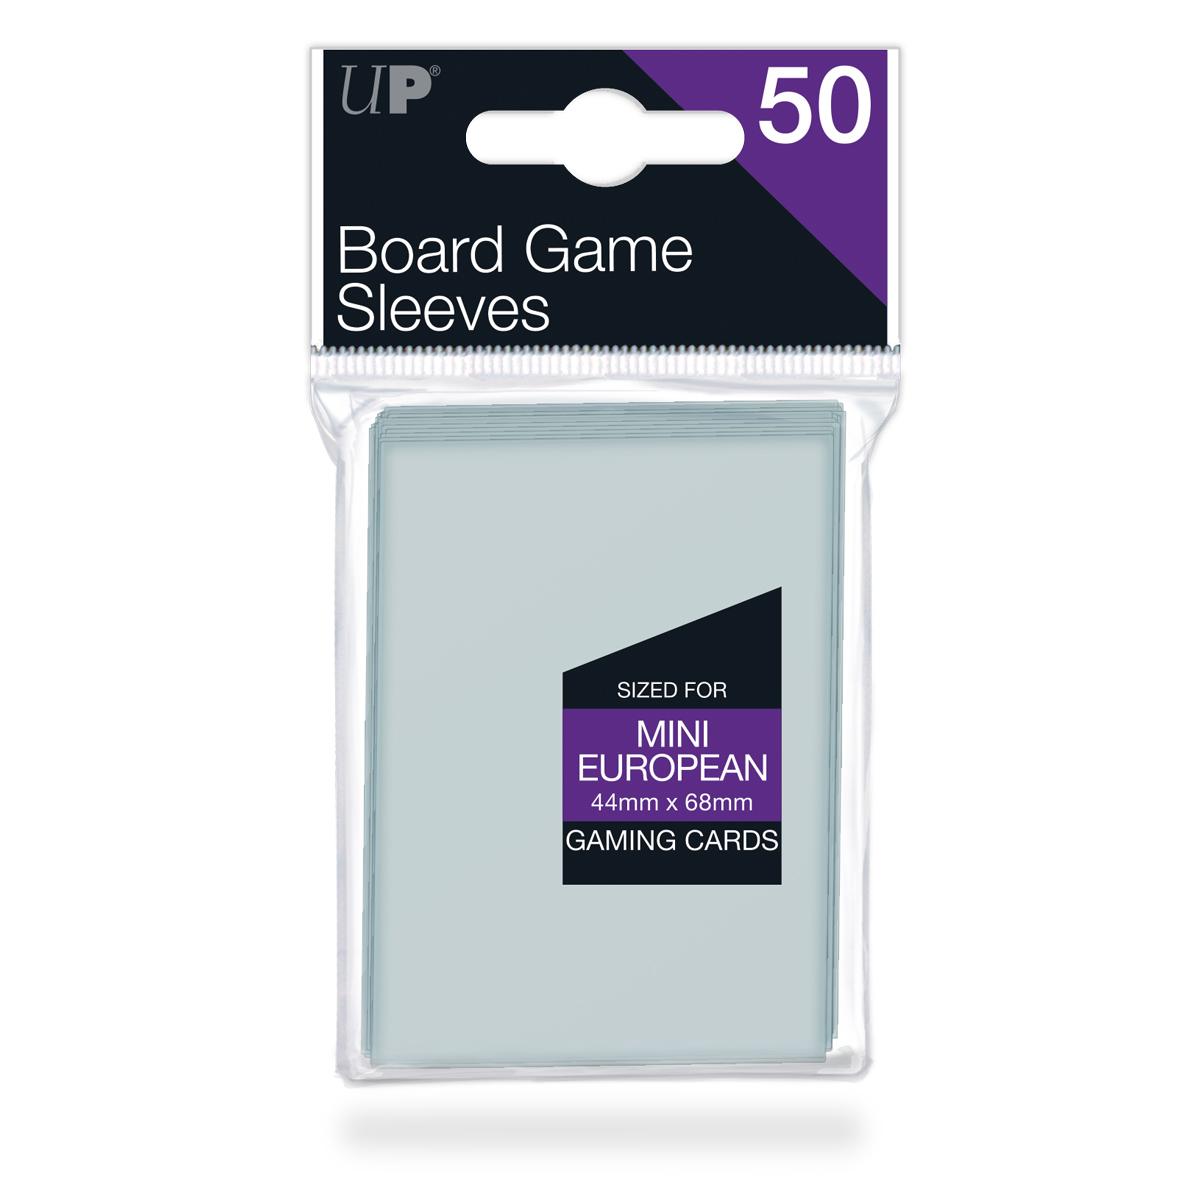 88-82661 与え ◇限定Special Price Ultra PRO ボードゲーム用 カードスリーブ 68mm対応 x 44 50枚入り